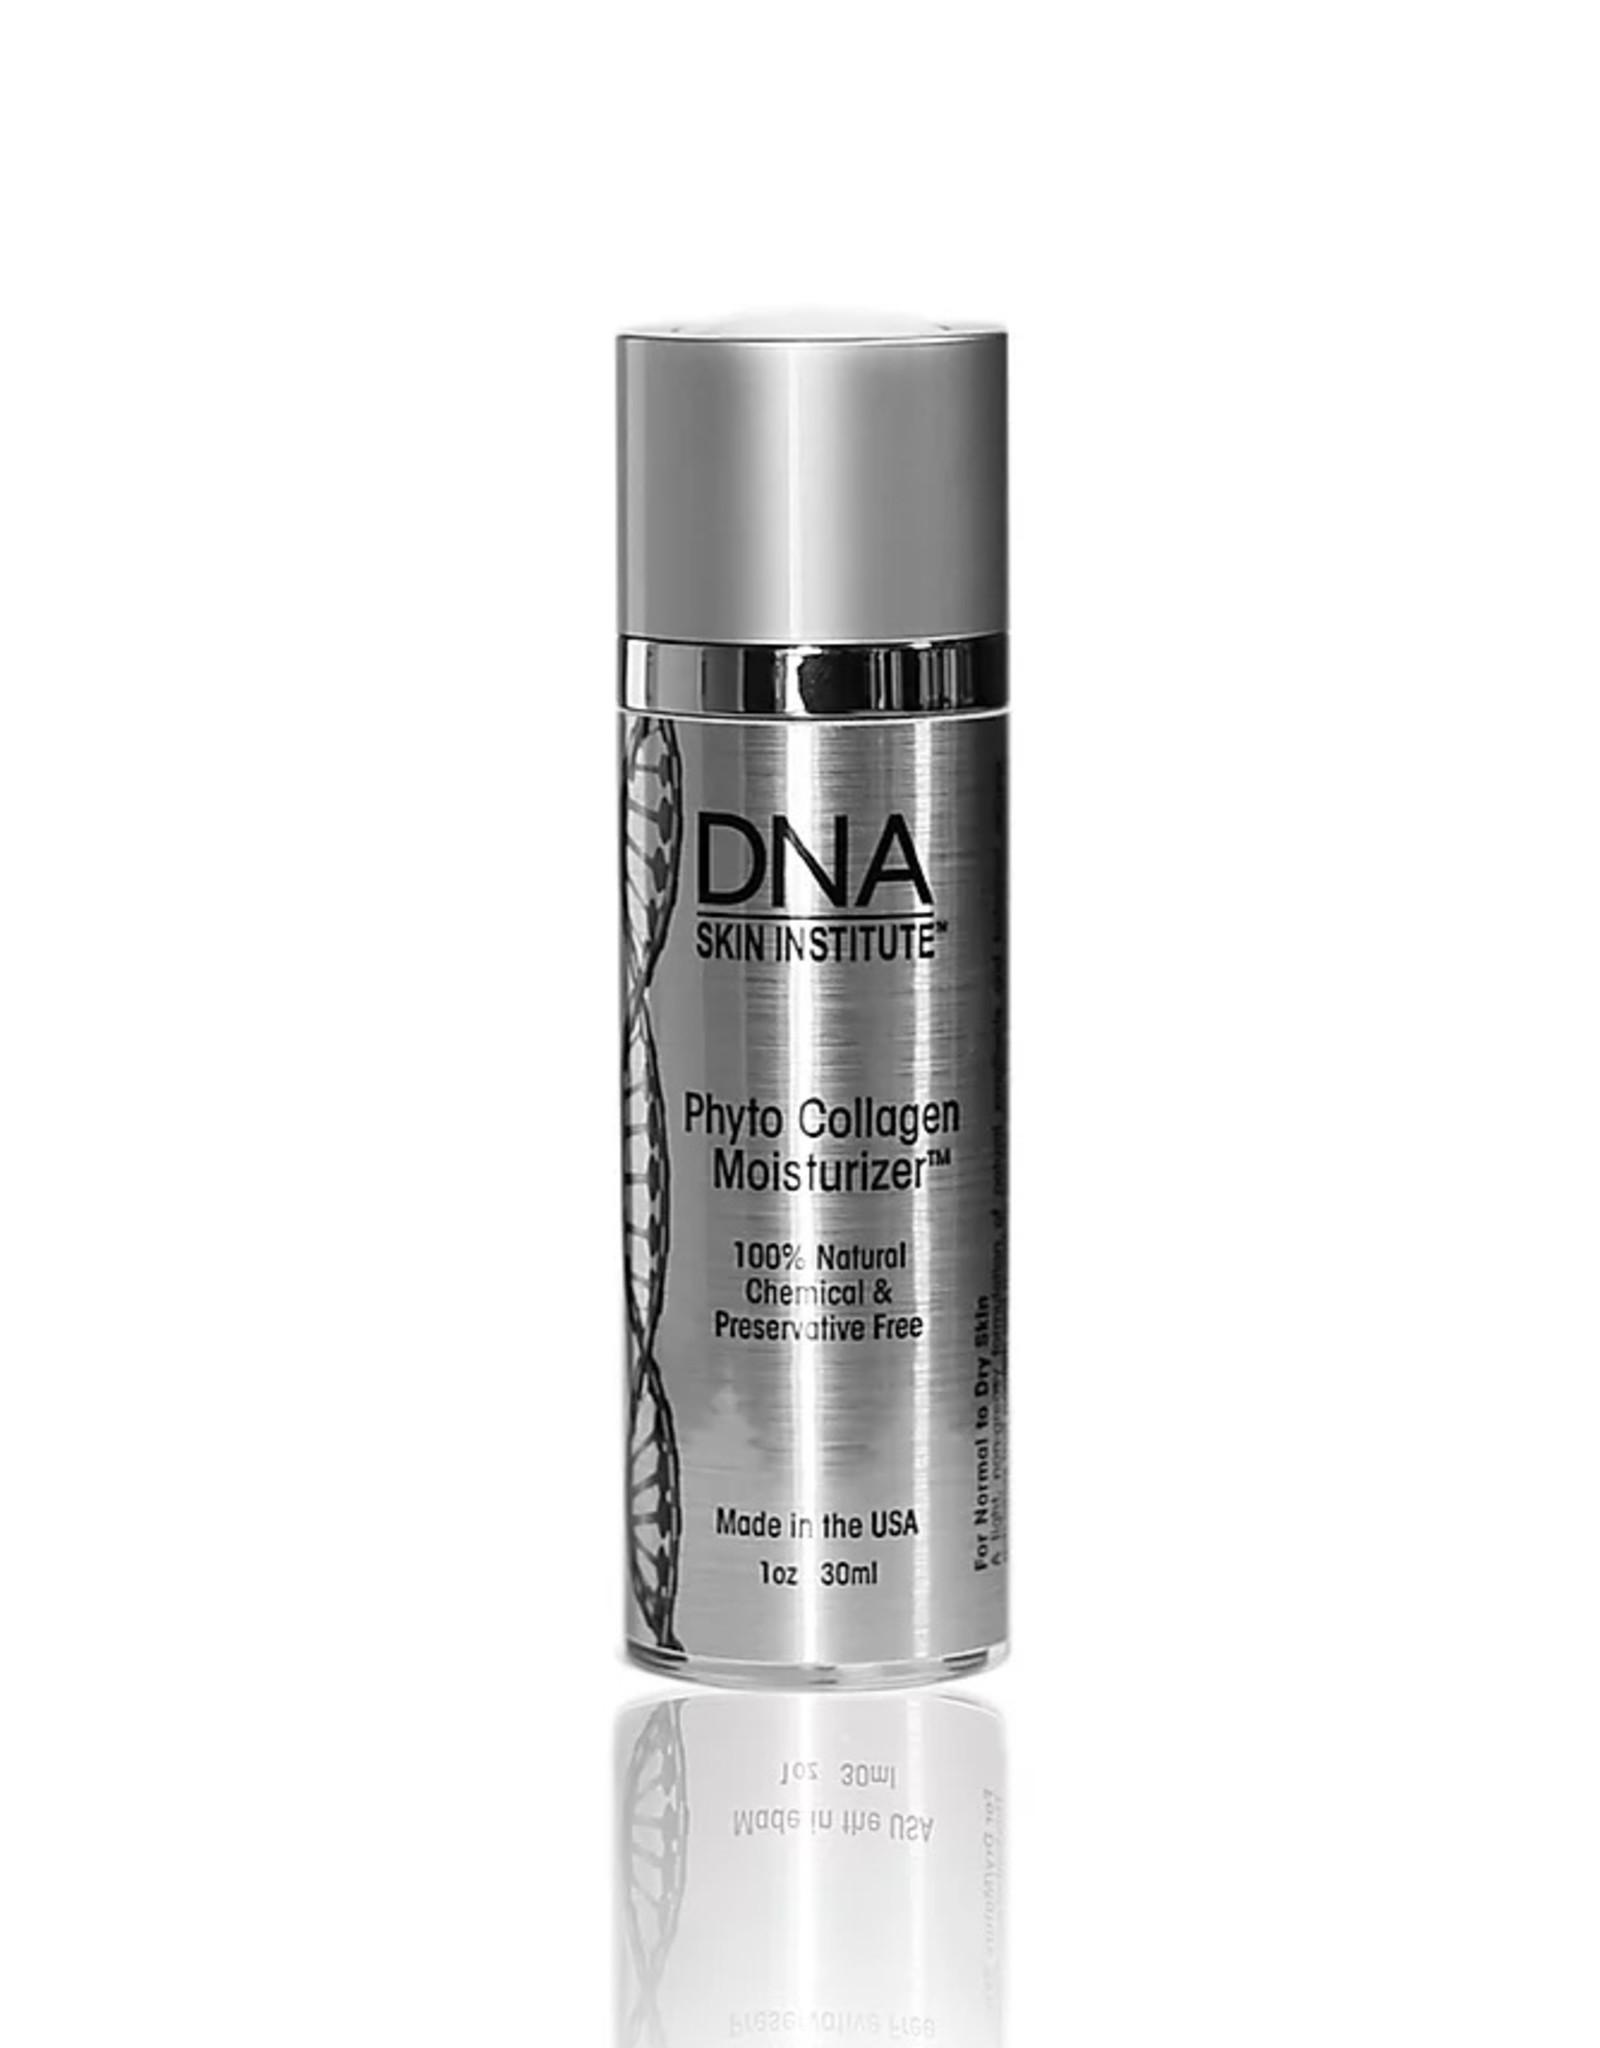 DNA Skin Institute Phyto Collagen Moisturizer